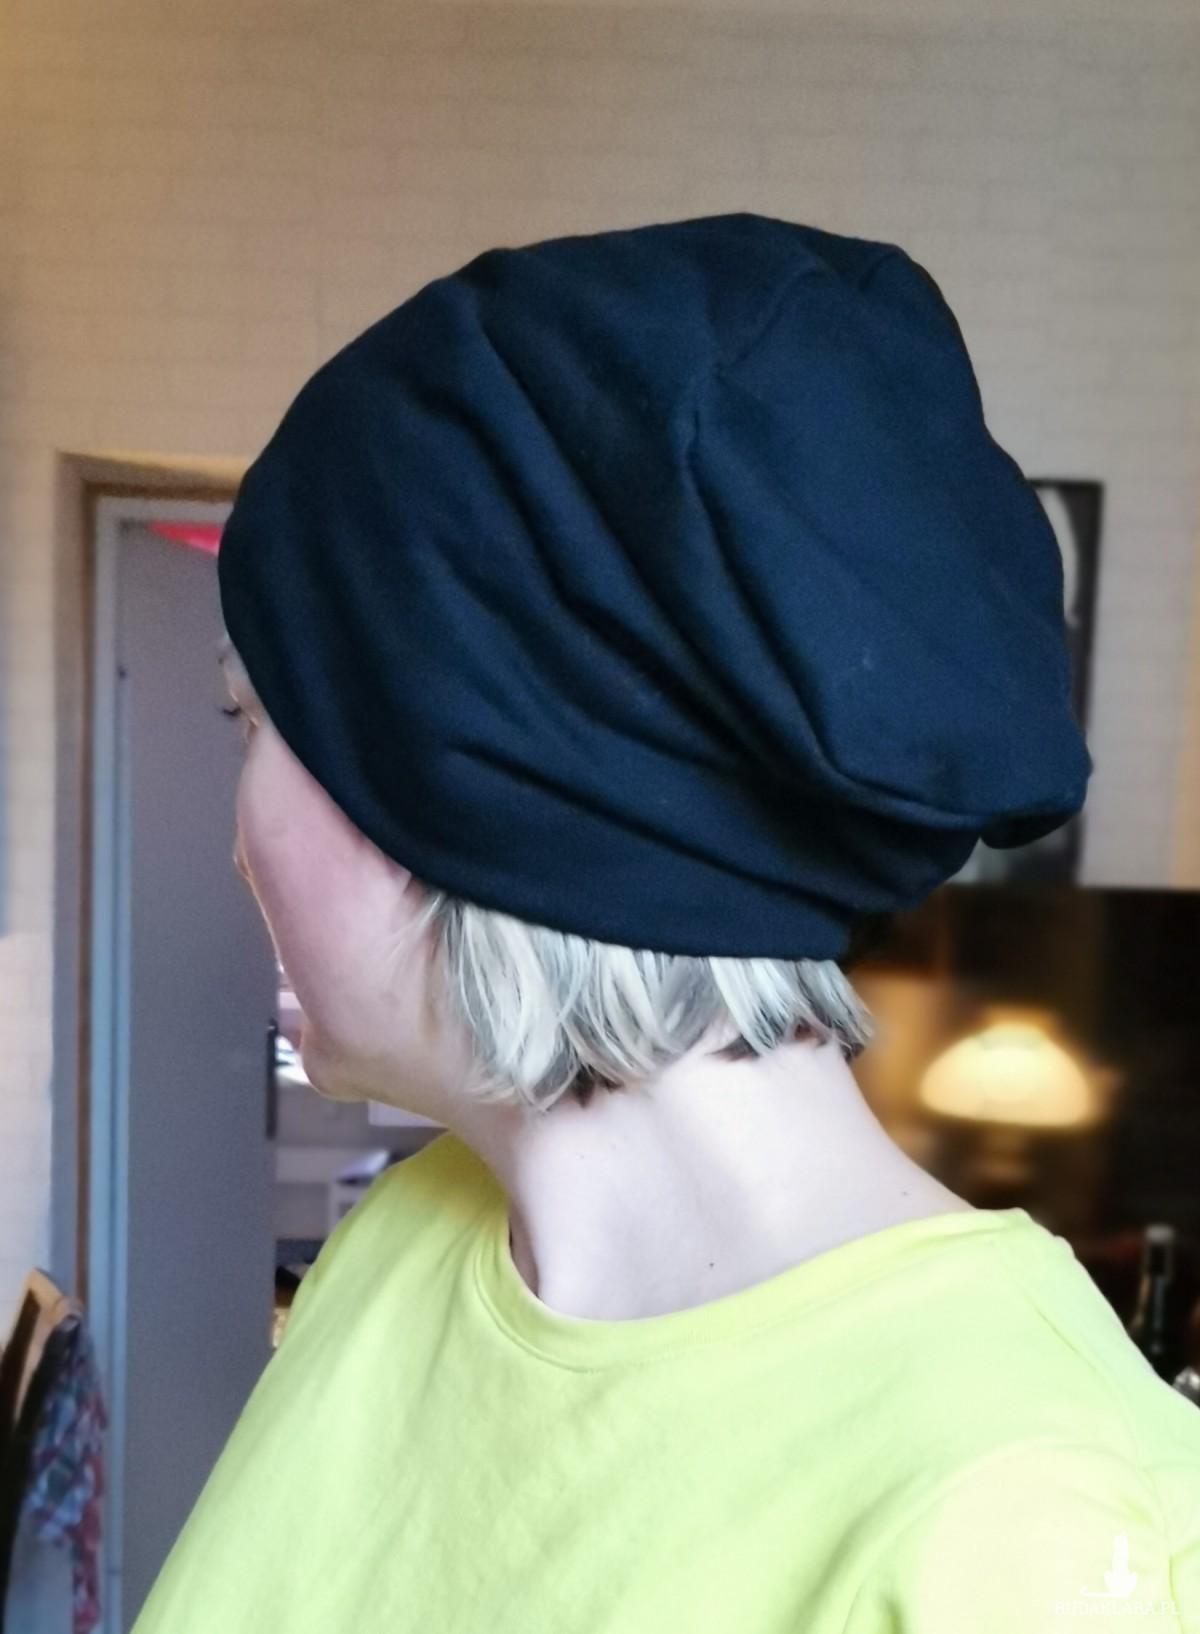 czapka damska czarna codzienna